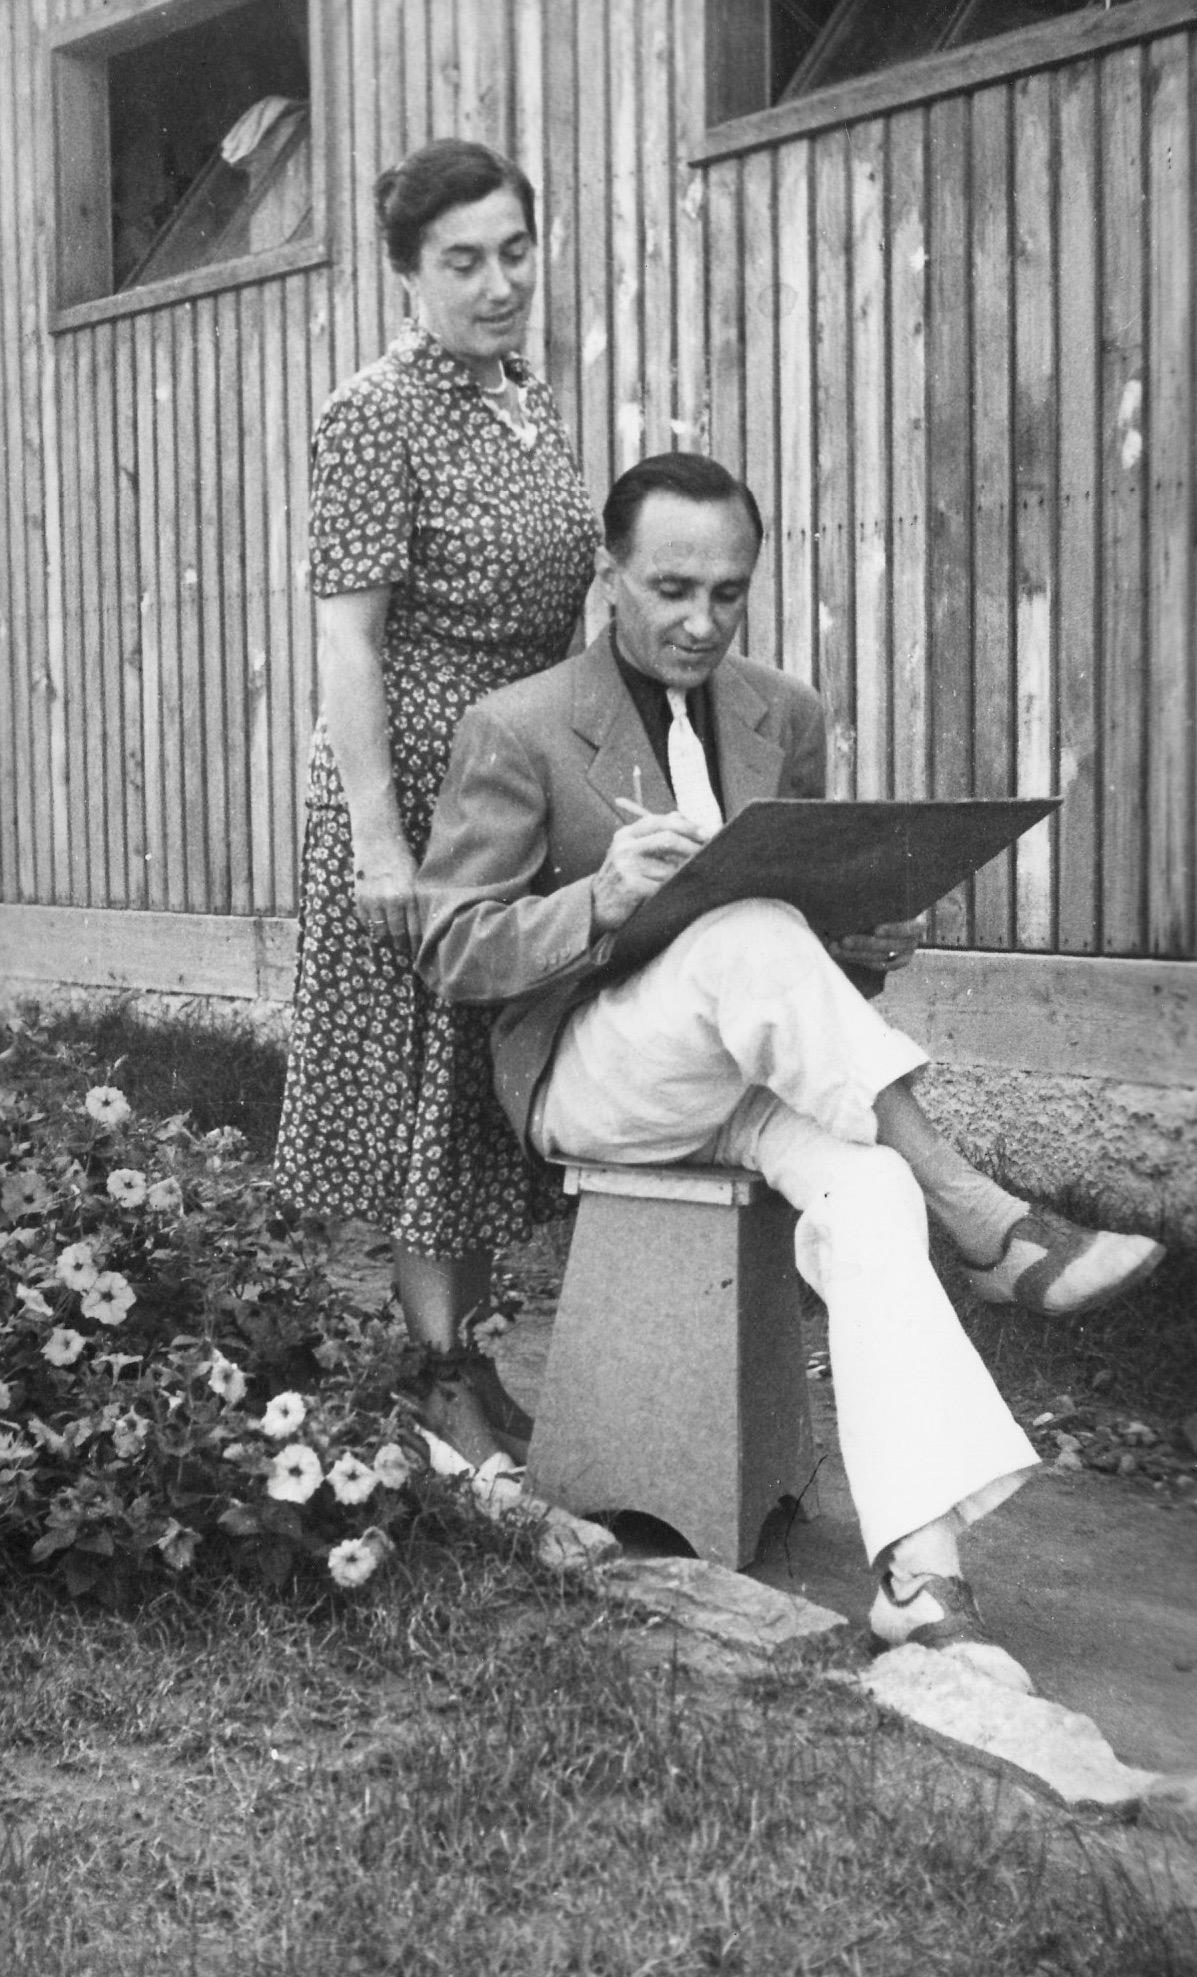 Trieste, Dara & Constantin Ivanovich-Sabo October 1951